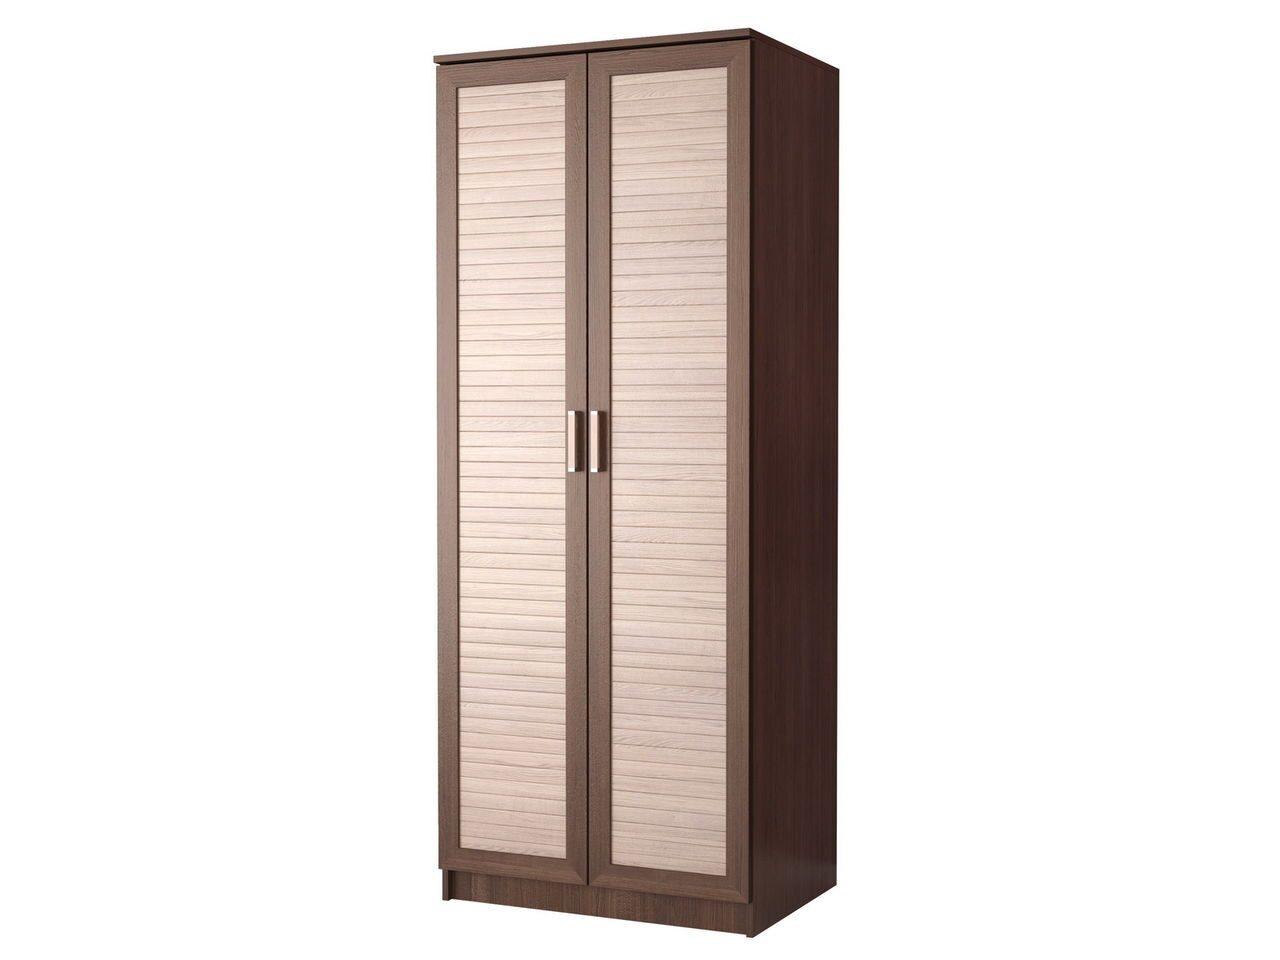 Шкаф 2-х створчатый распашной др 1 недорого от владимирского.